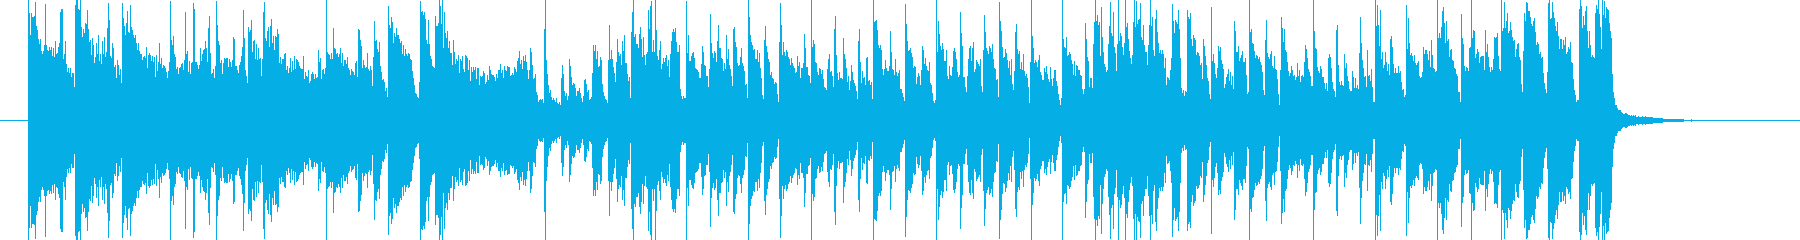 勢いある緩やかなポップジングルの再生済みの波形